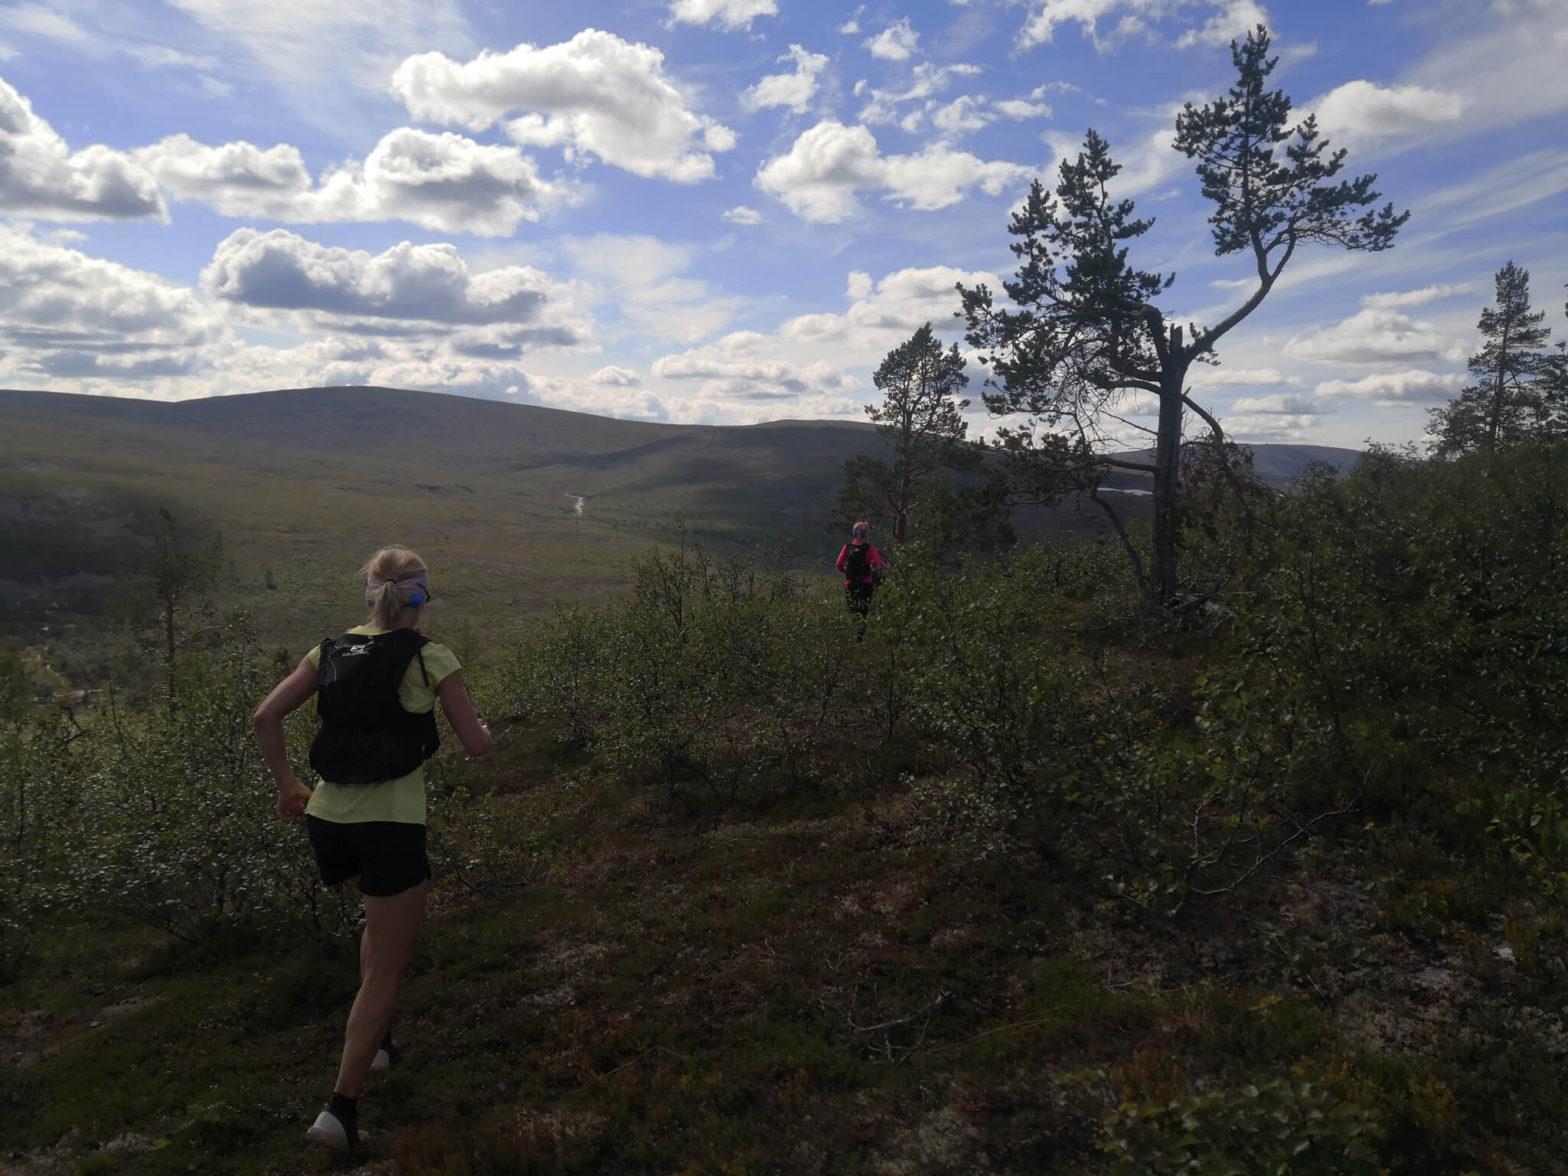 Polkujuoksuvaellus, Urho Kekkosen kansallispuisto 20.–22.7.2021